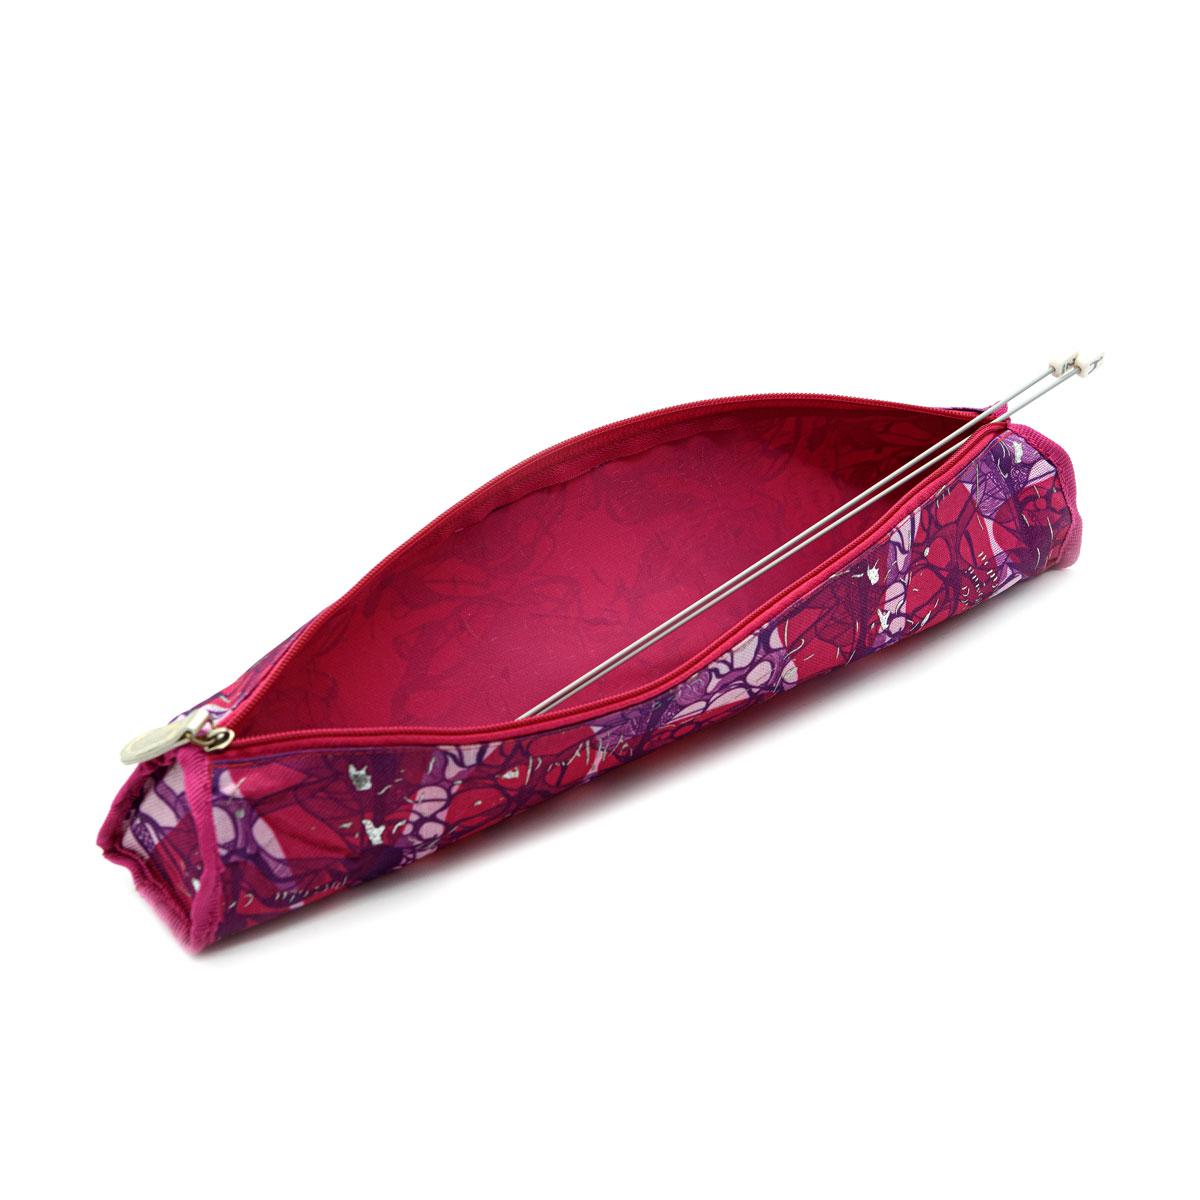 Футляр для хранения вязальных принадлежностей 890506, 40х6 см, малиновый цвет, Hobby&Pro